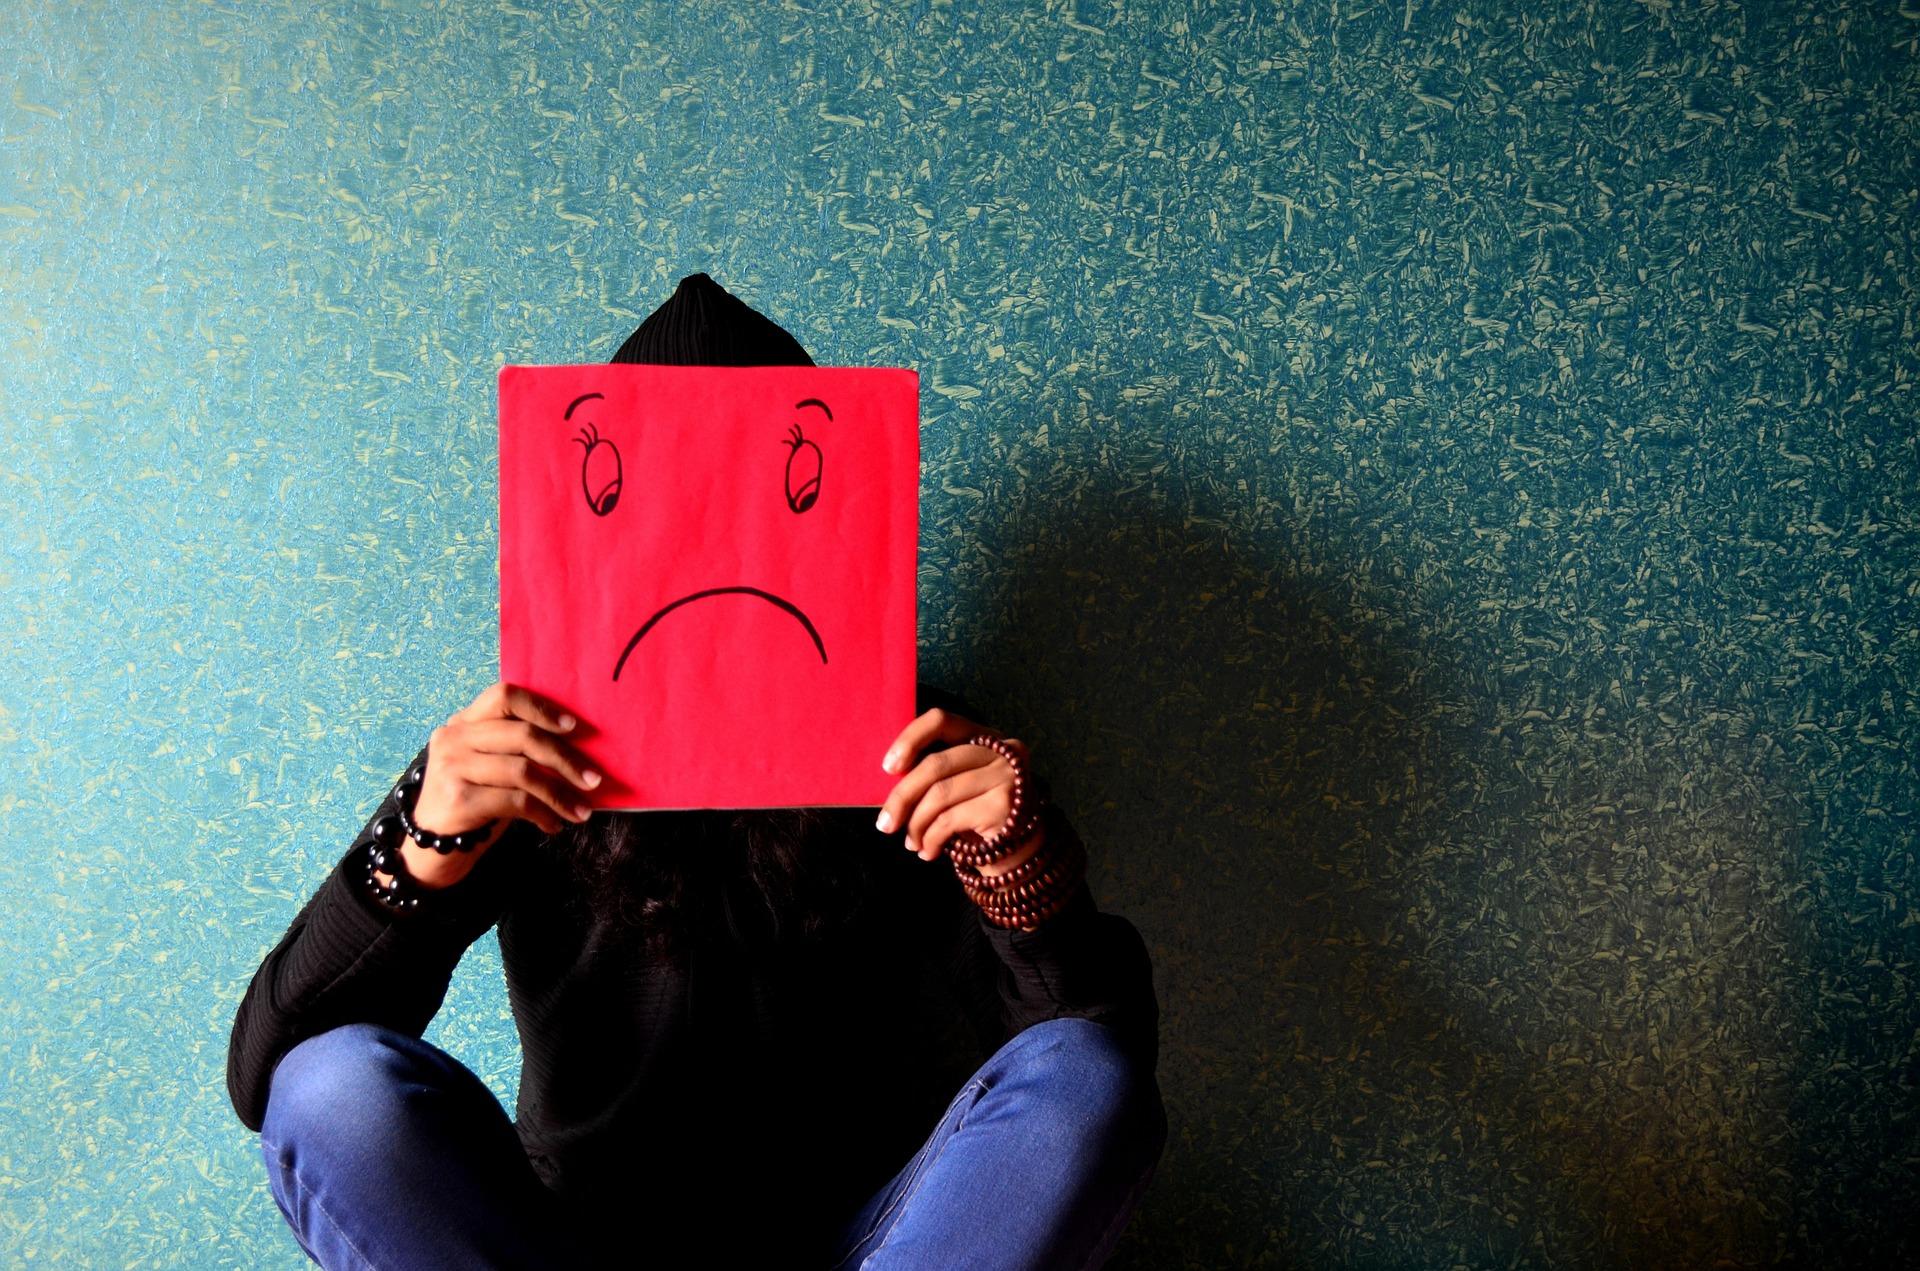 Frau sitzt auf dem Boden und hält sich eine rote Maske mit einem unzufriedenen Smiley vor das Gesicht